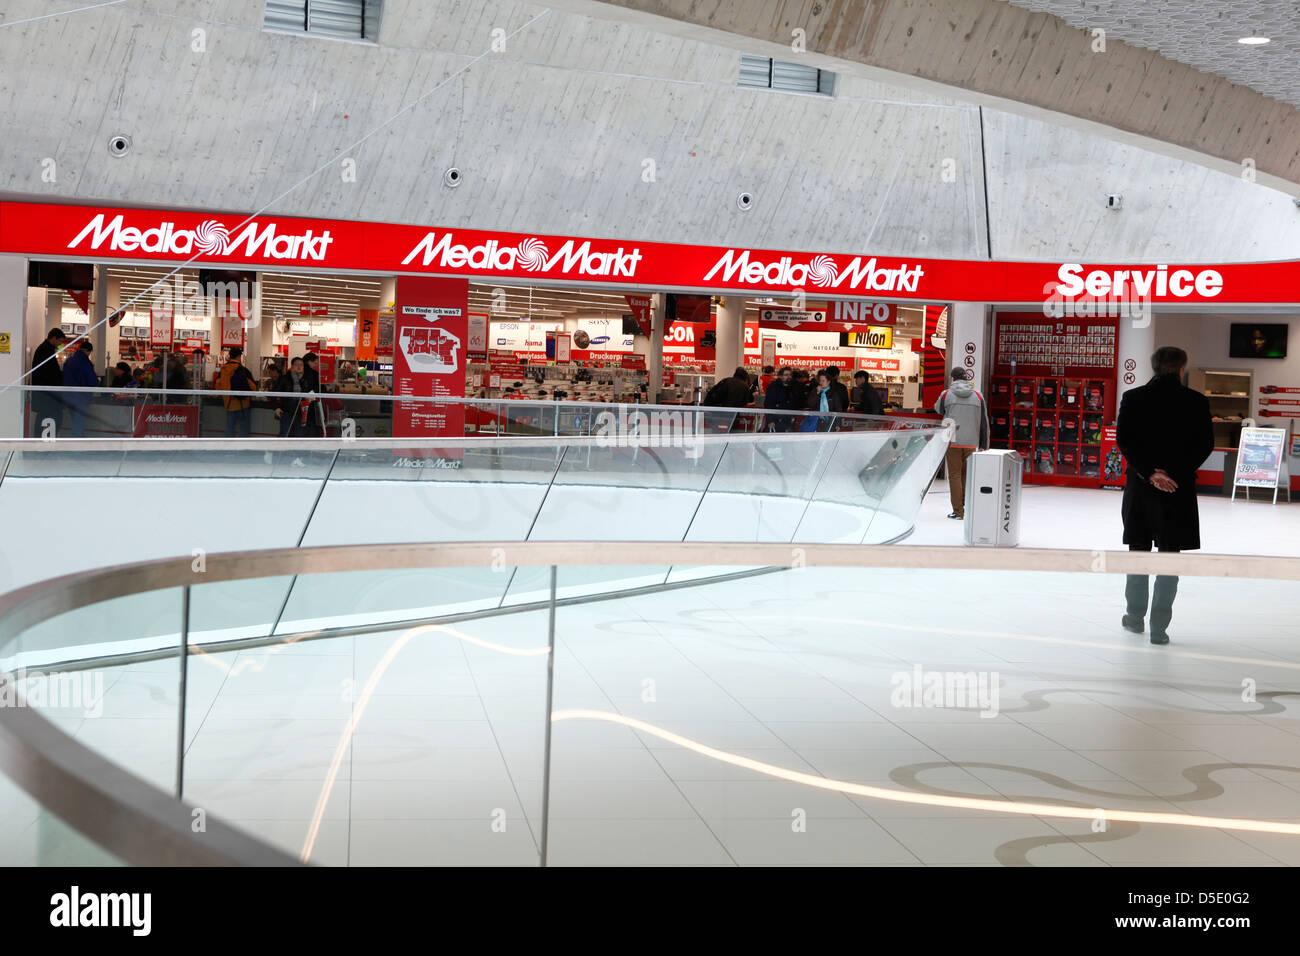 media markt at wien mitte mall in vienna stock photo